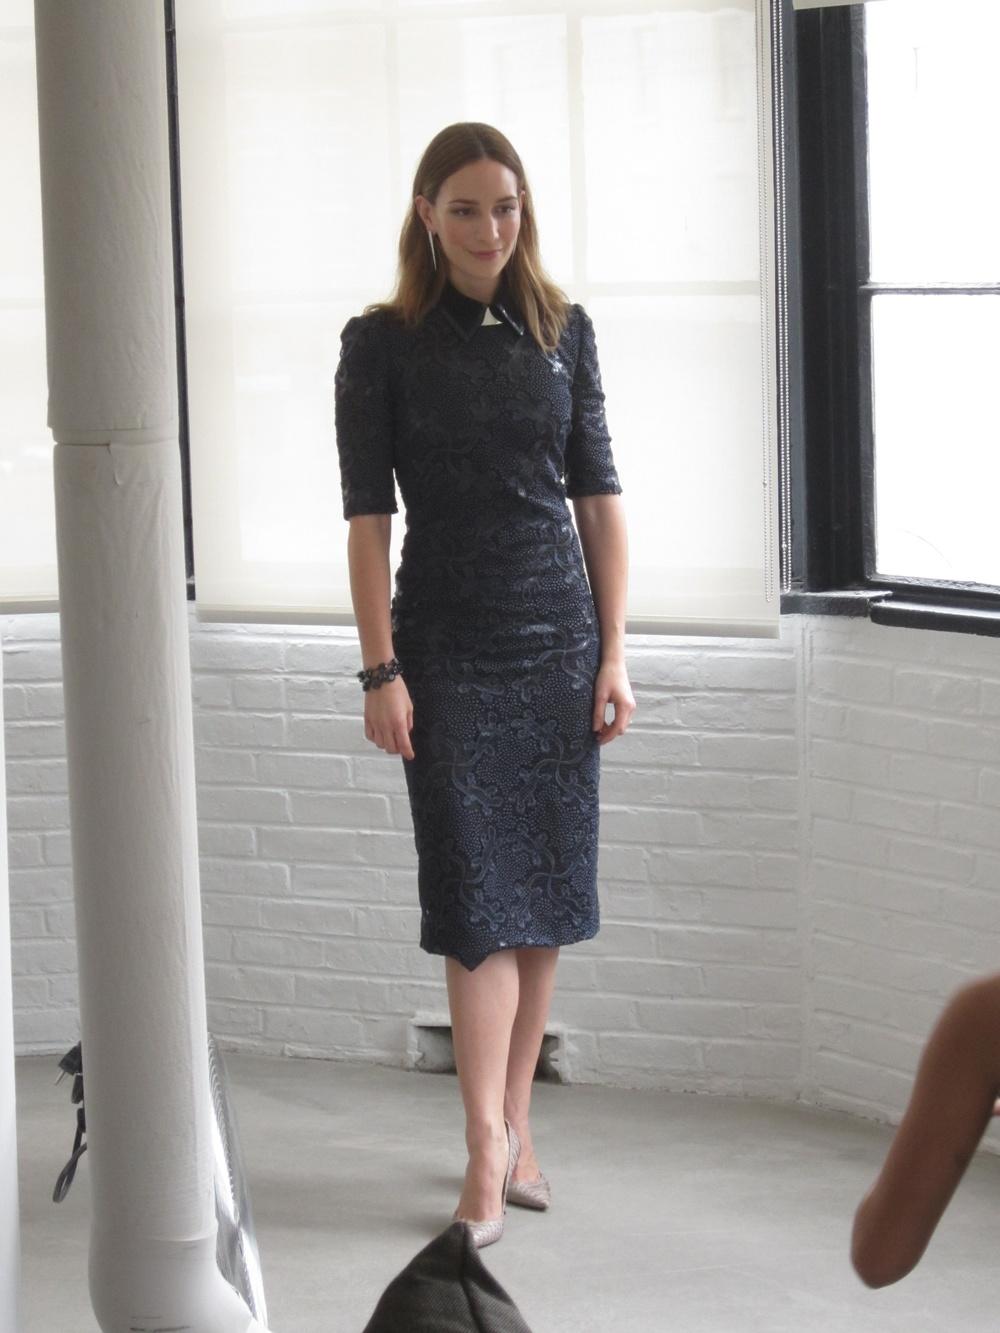 Backstage at Vogue